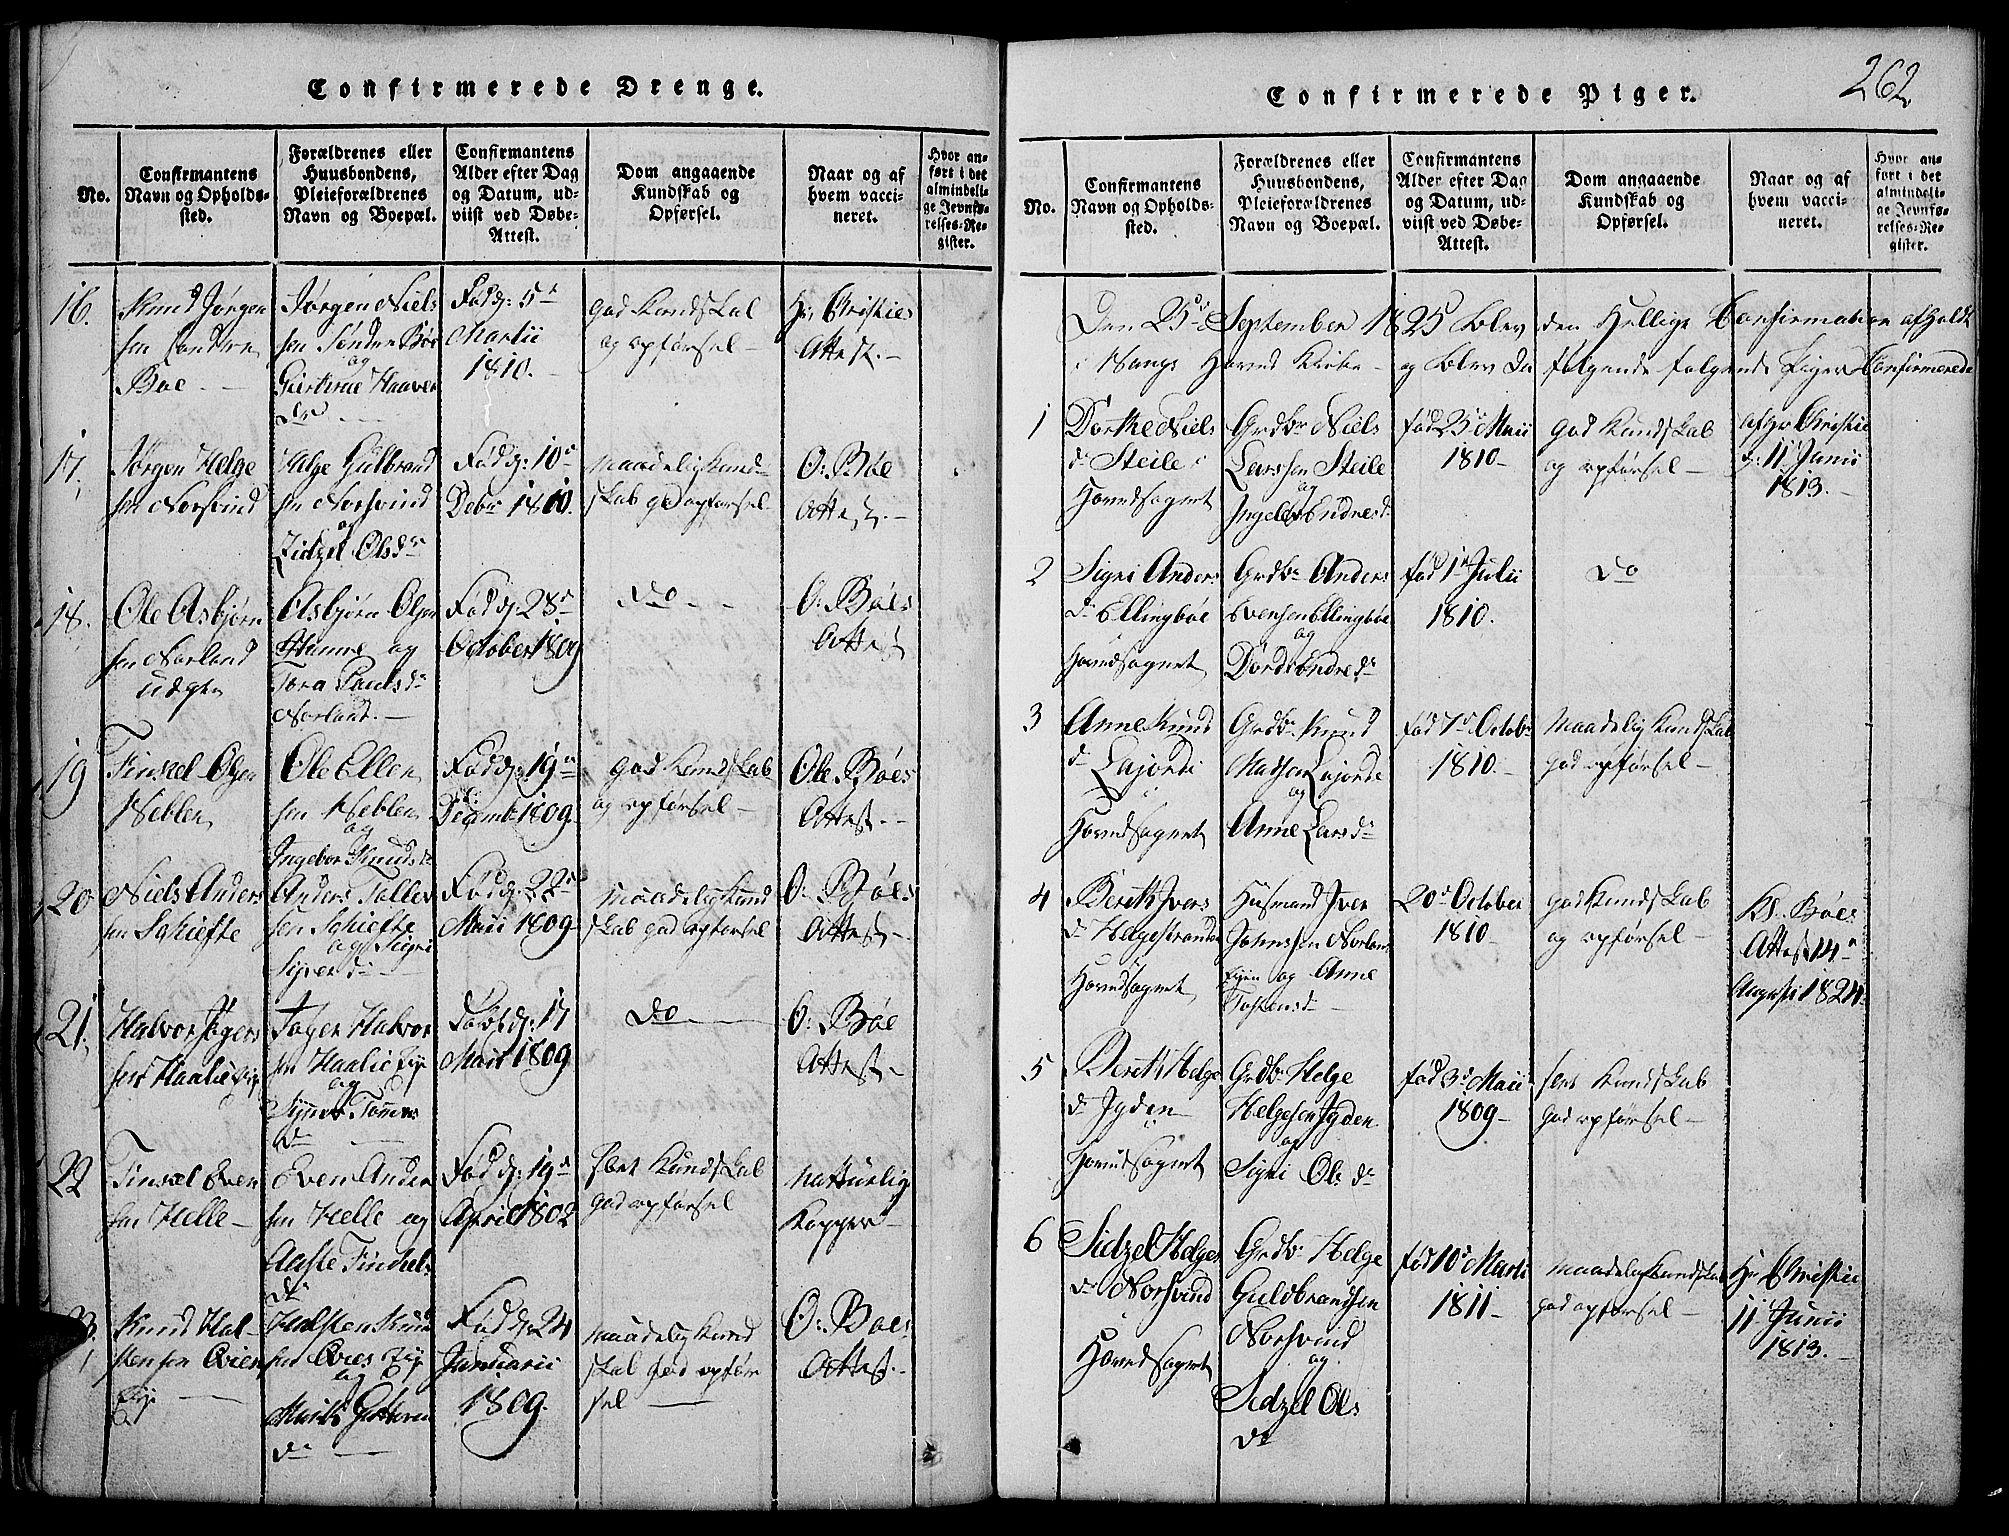 SAH, Vang prestekontor, Valdres, Klokkerbok nr. 2, 1814-1889, s. 262